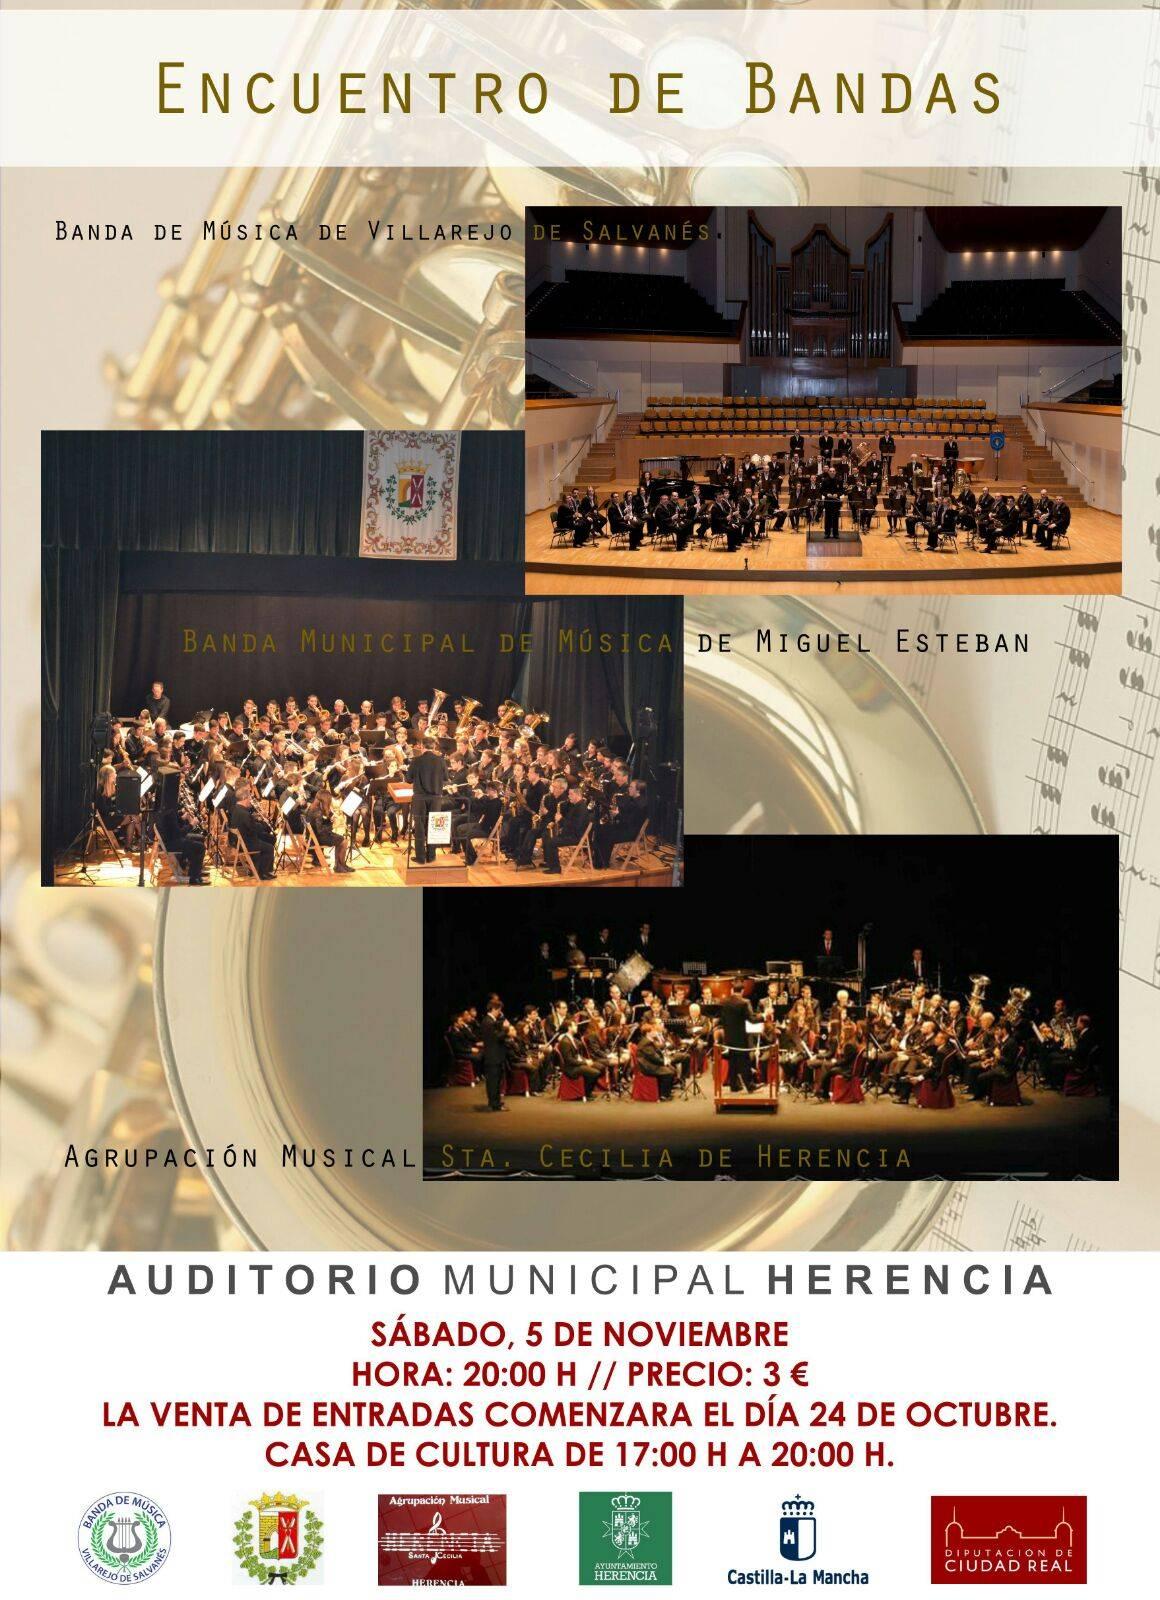 Encuentro de bandas en auditorio municipal de Herencia - Encuentro de Bandas de Música en Herencia el 5 de noviembre